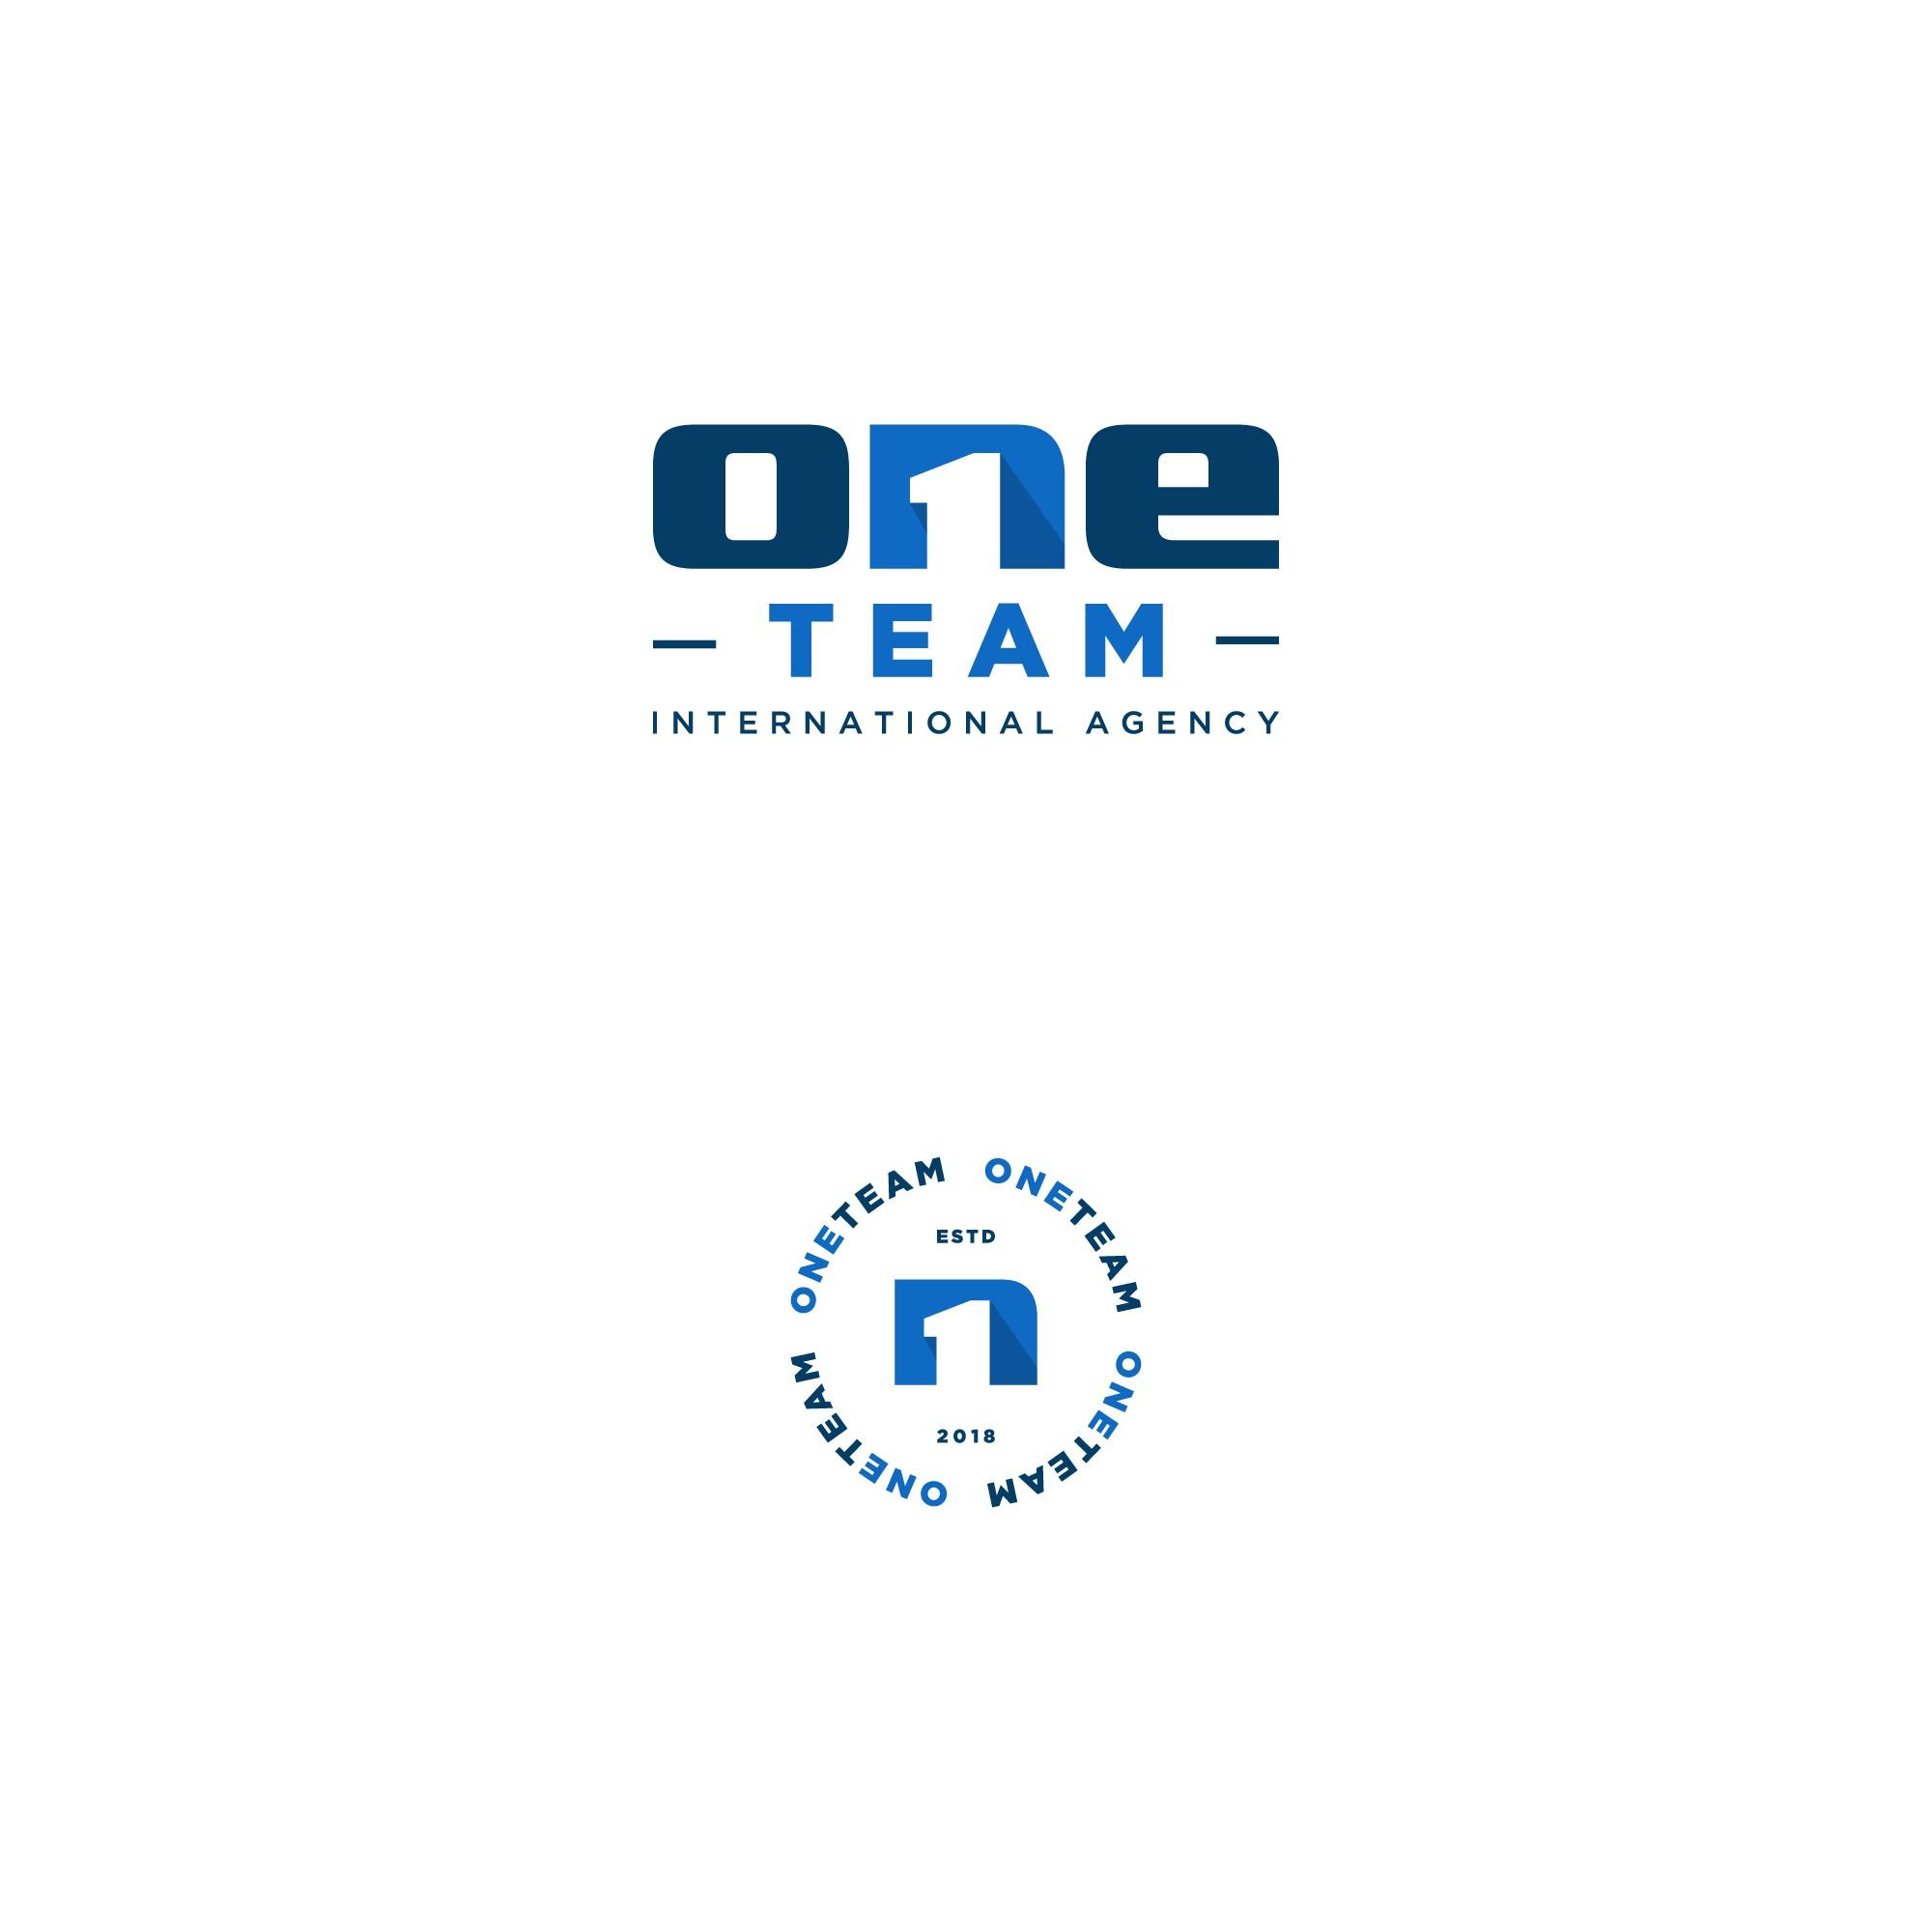 Classy powerful logo  for my sports agency